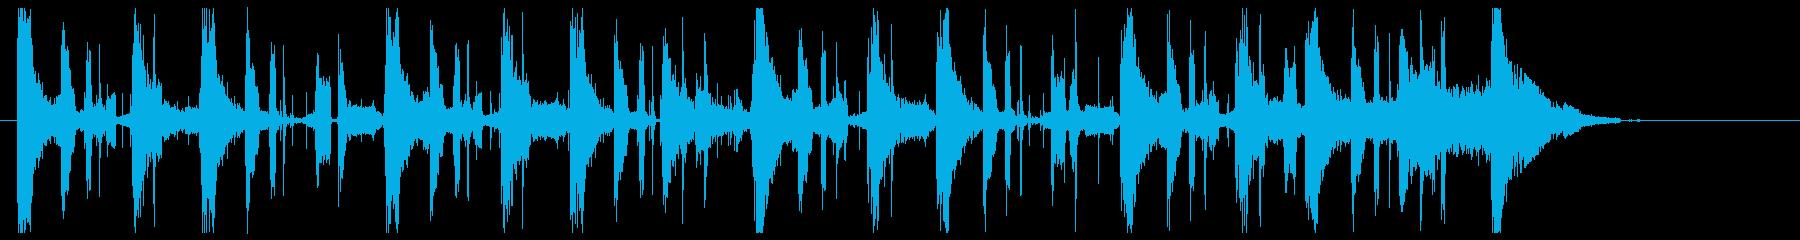 シシオドシをイメージした和風ジングルの再生済みの波形